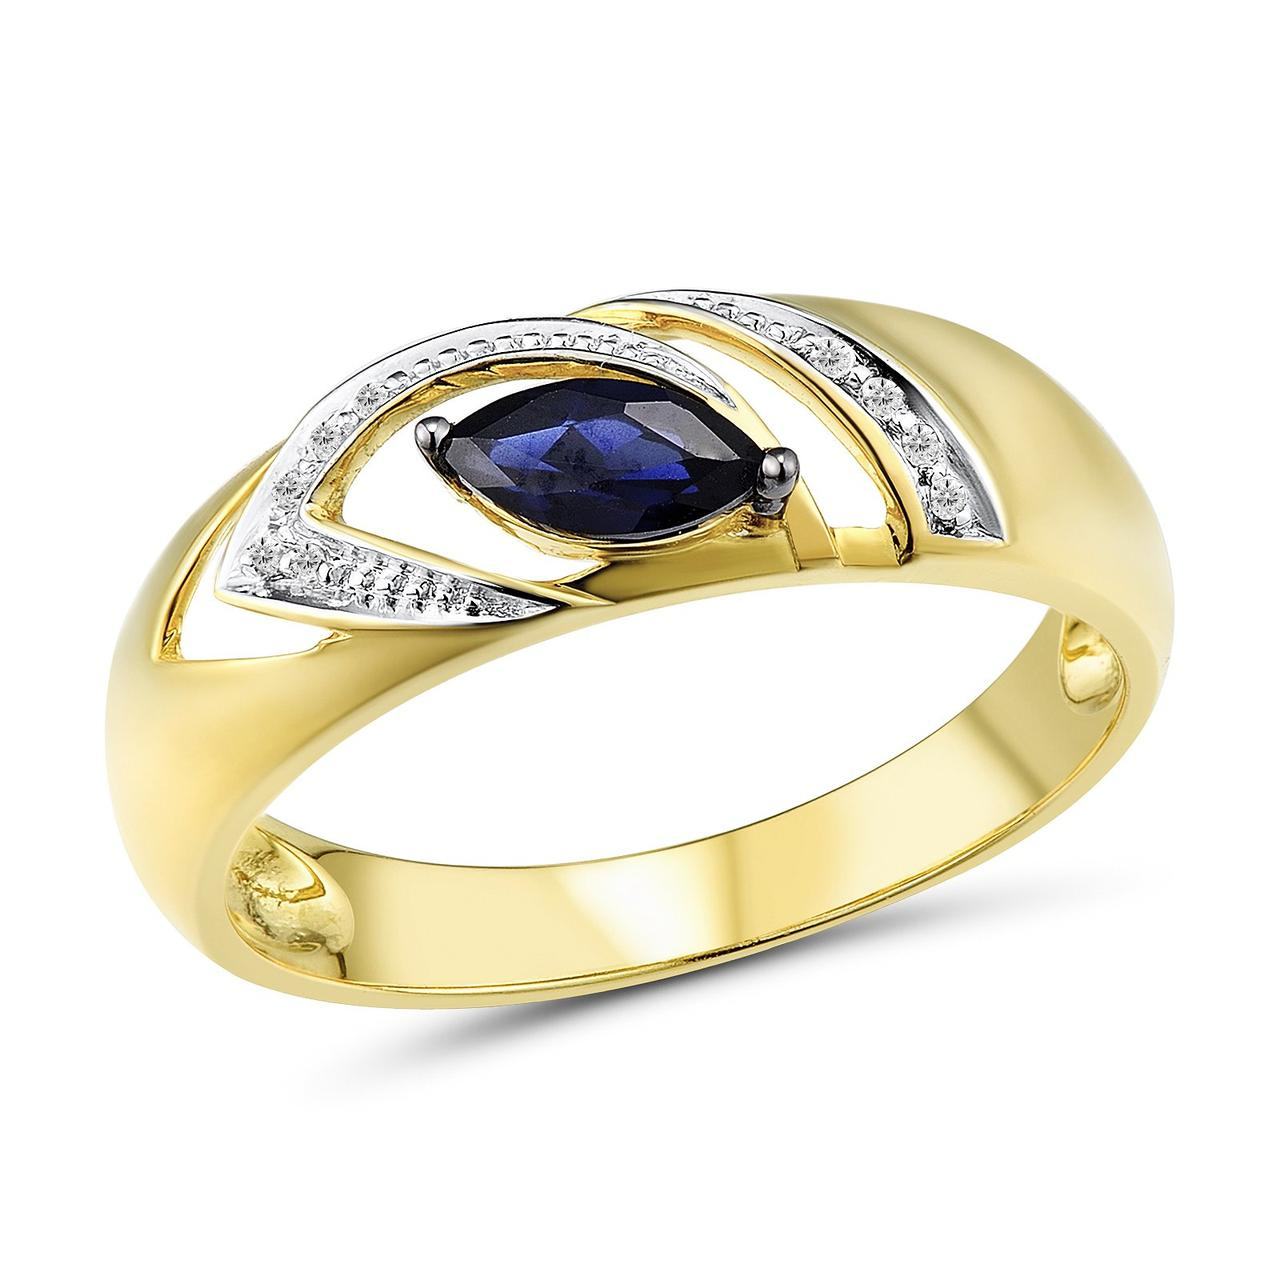 Золотое кольцо с бриллиантами и сапфиром, размер 16 (1645328)